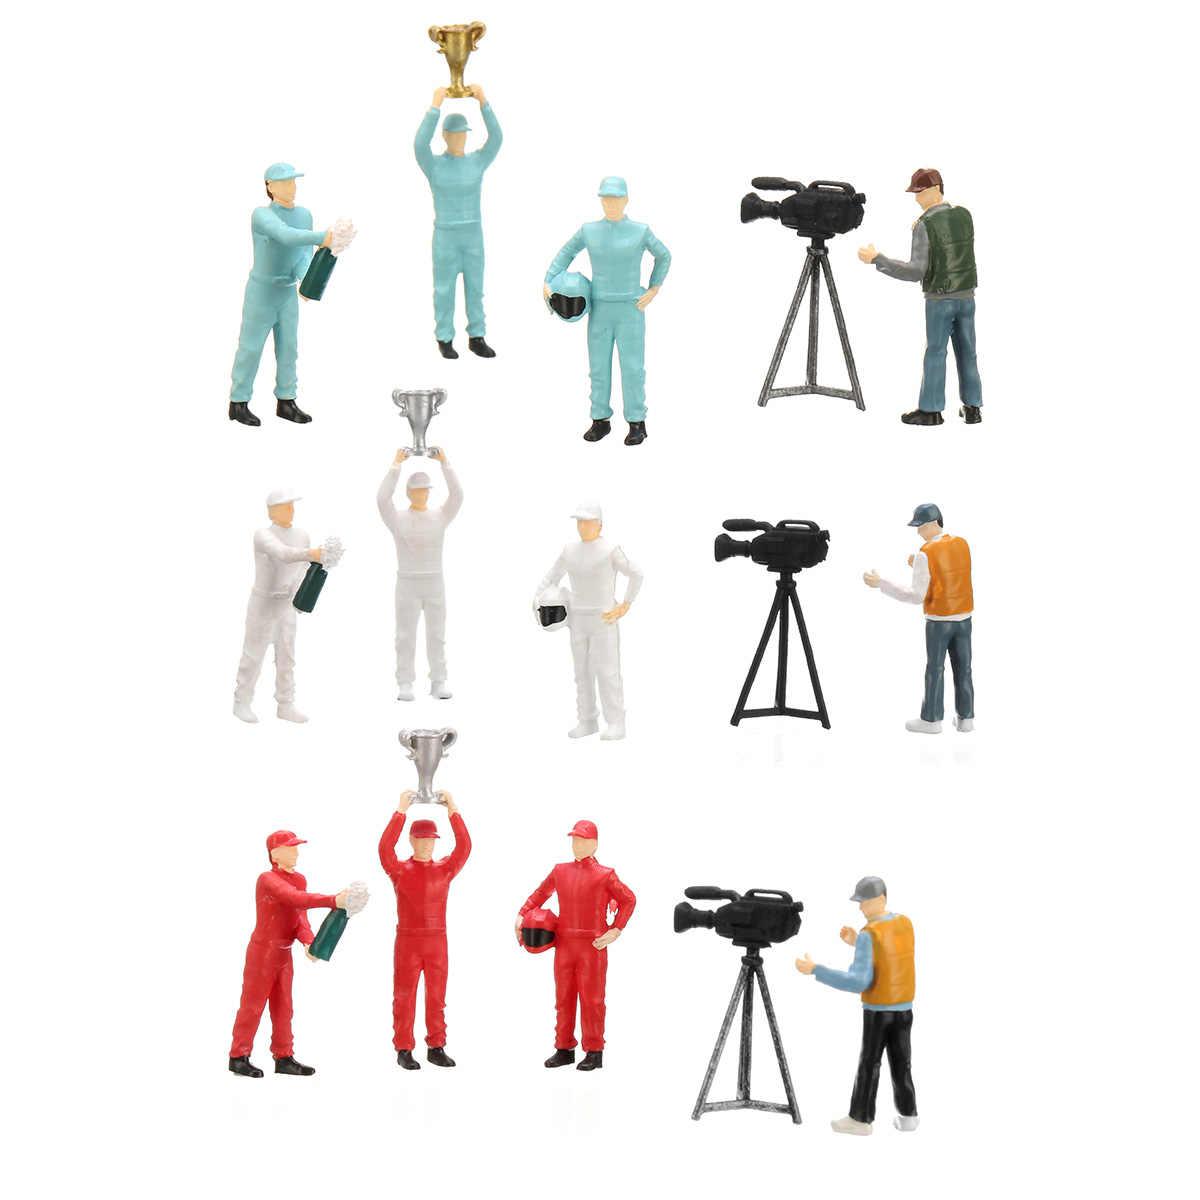 1: 64 Ras Medali Mencari Lapangan Bermain 2 Model Skenario Set untuk Kotak Korek Api untuk Tomys Kit Hadiah untuk Anak-anak